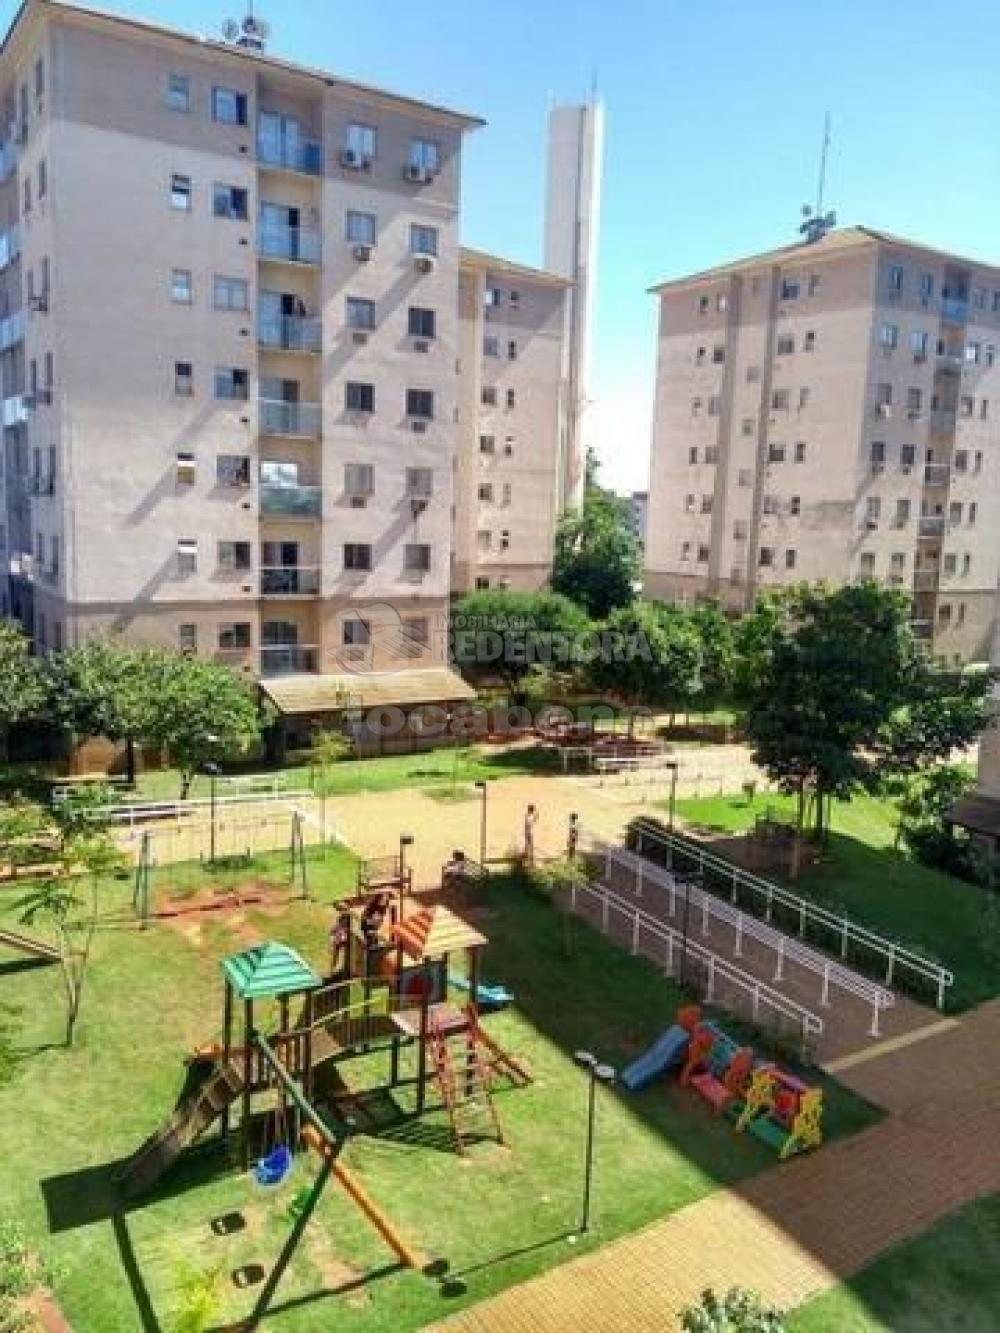 Comprar Apartamento / Padrão em São José do Rio Preto R$ 215.000,00 - Foto 15